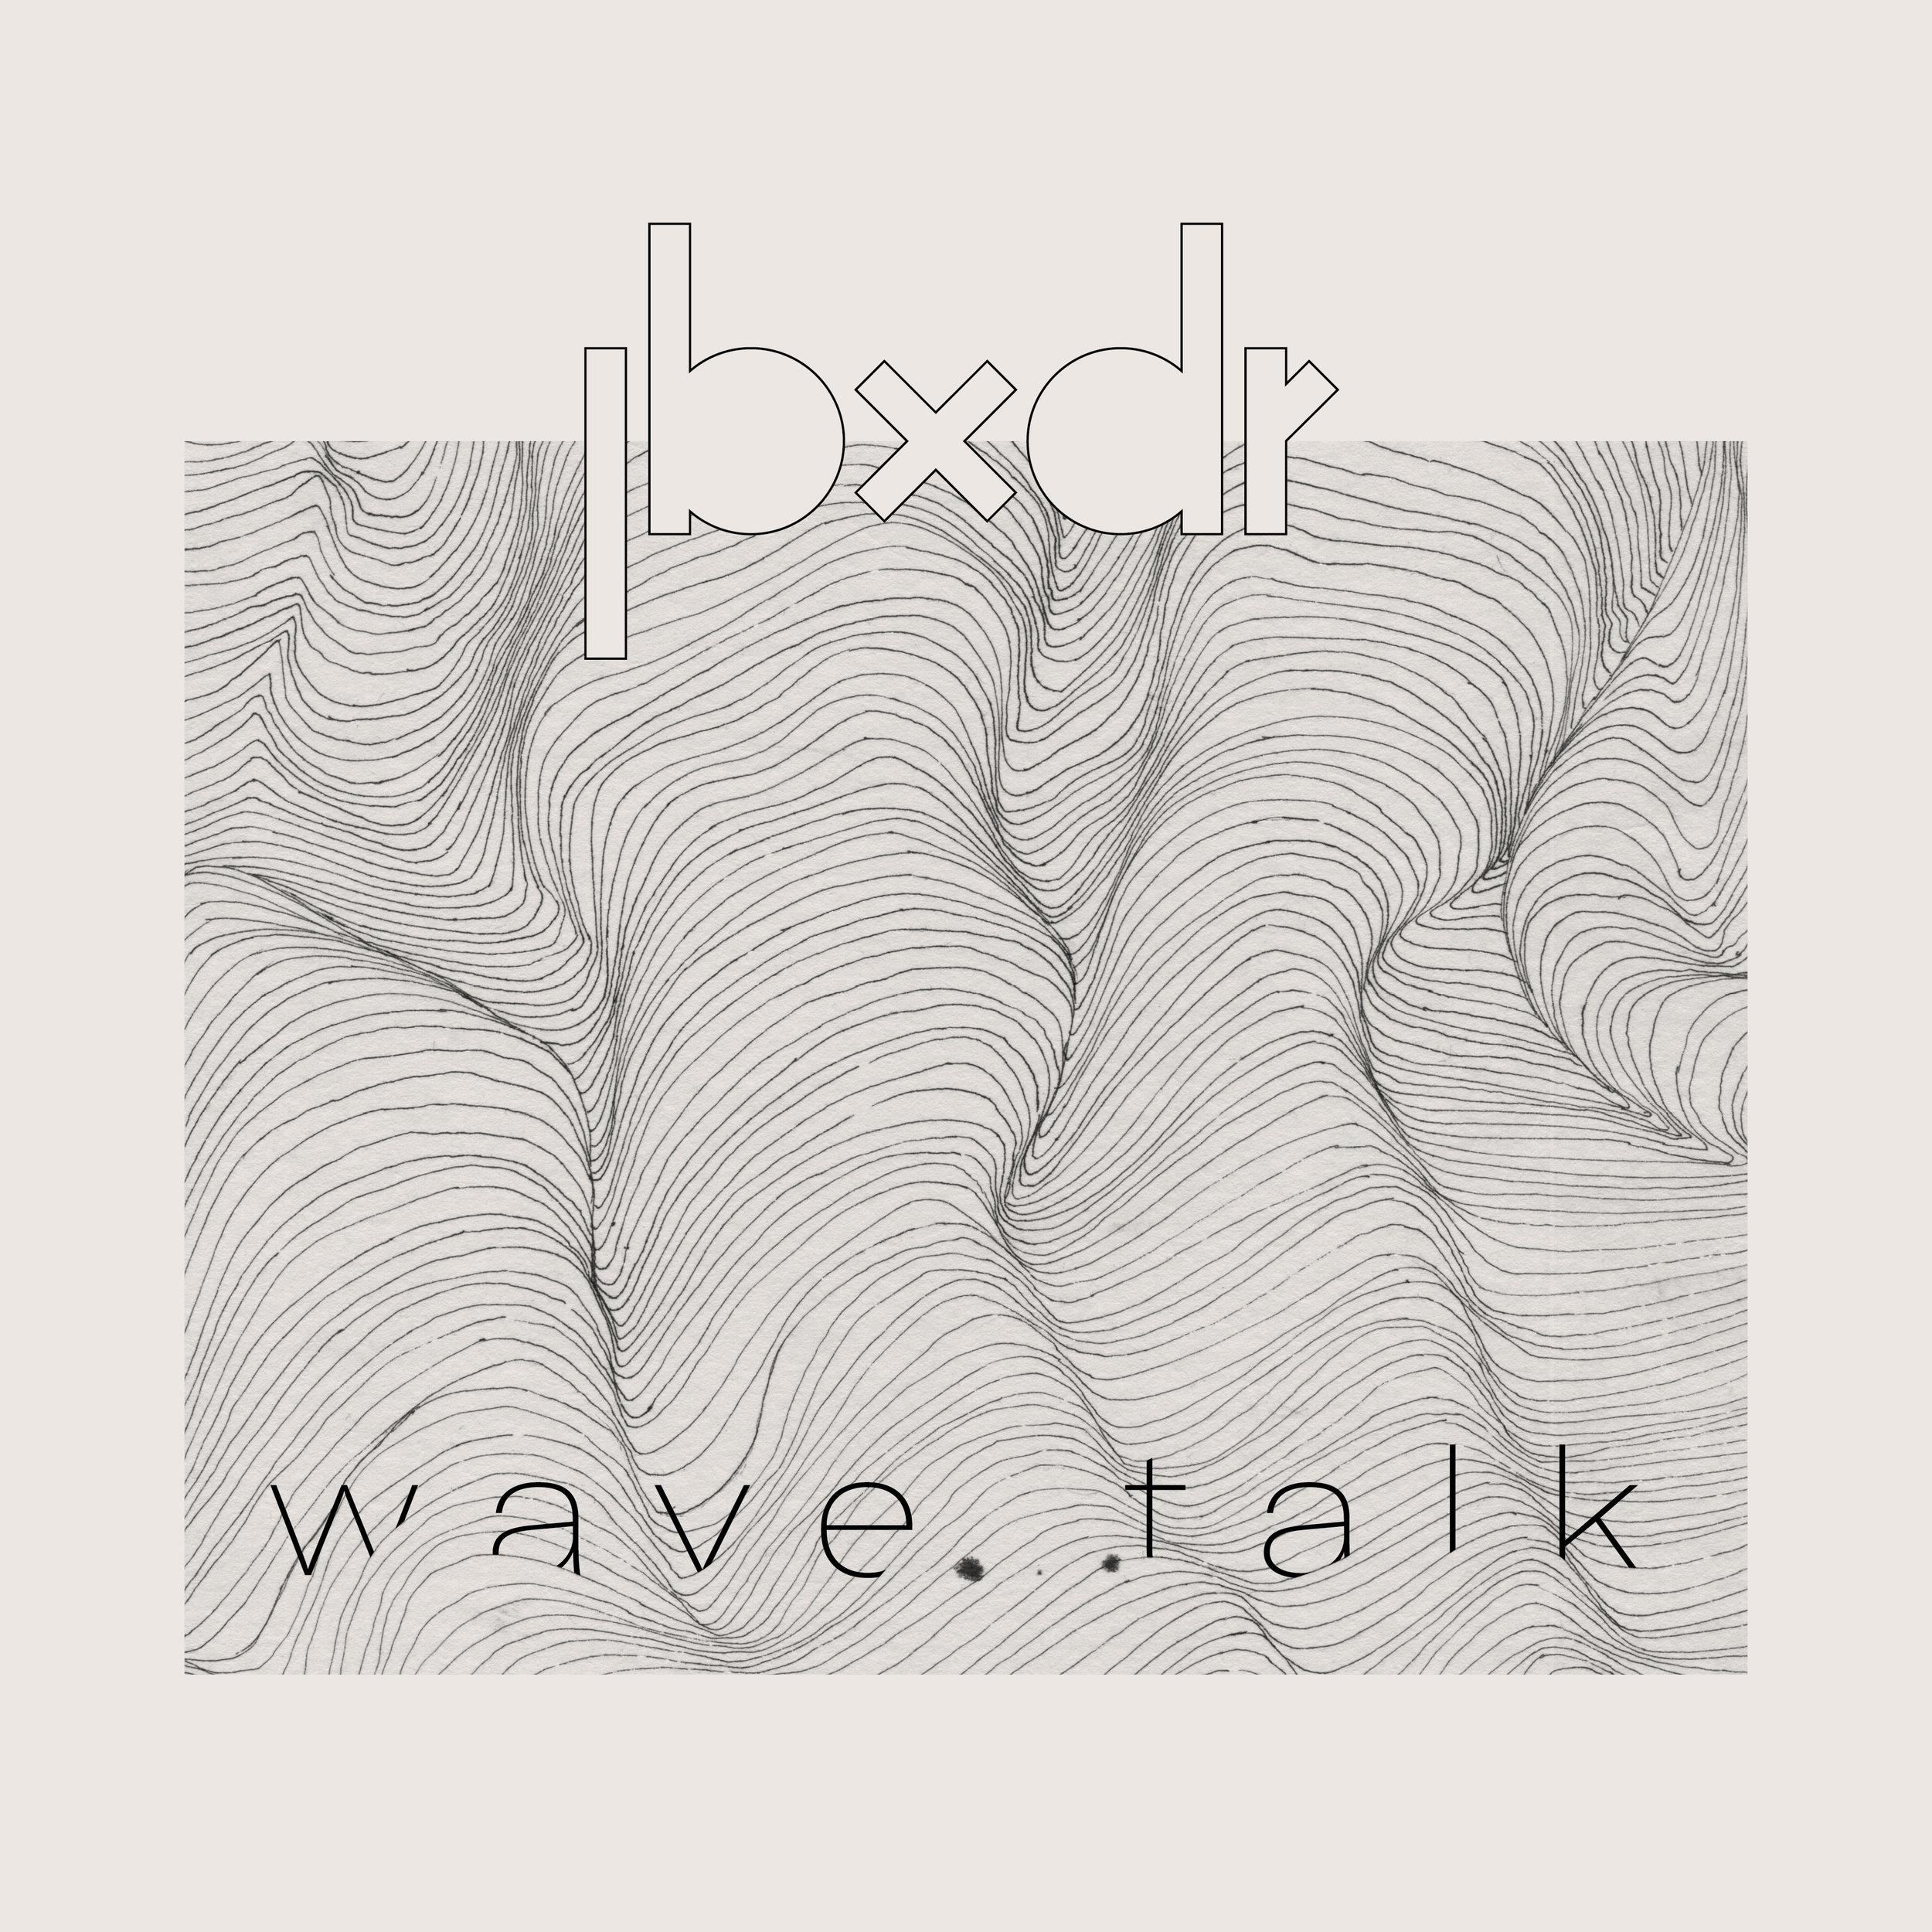 JBXDR_Wave Talk_Art.jpg